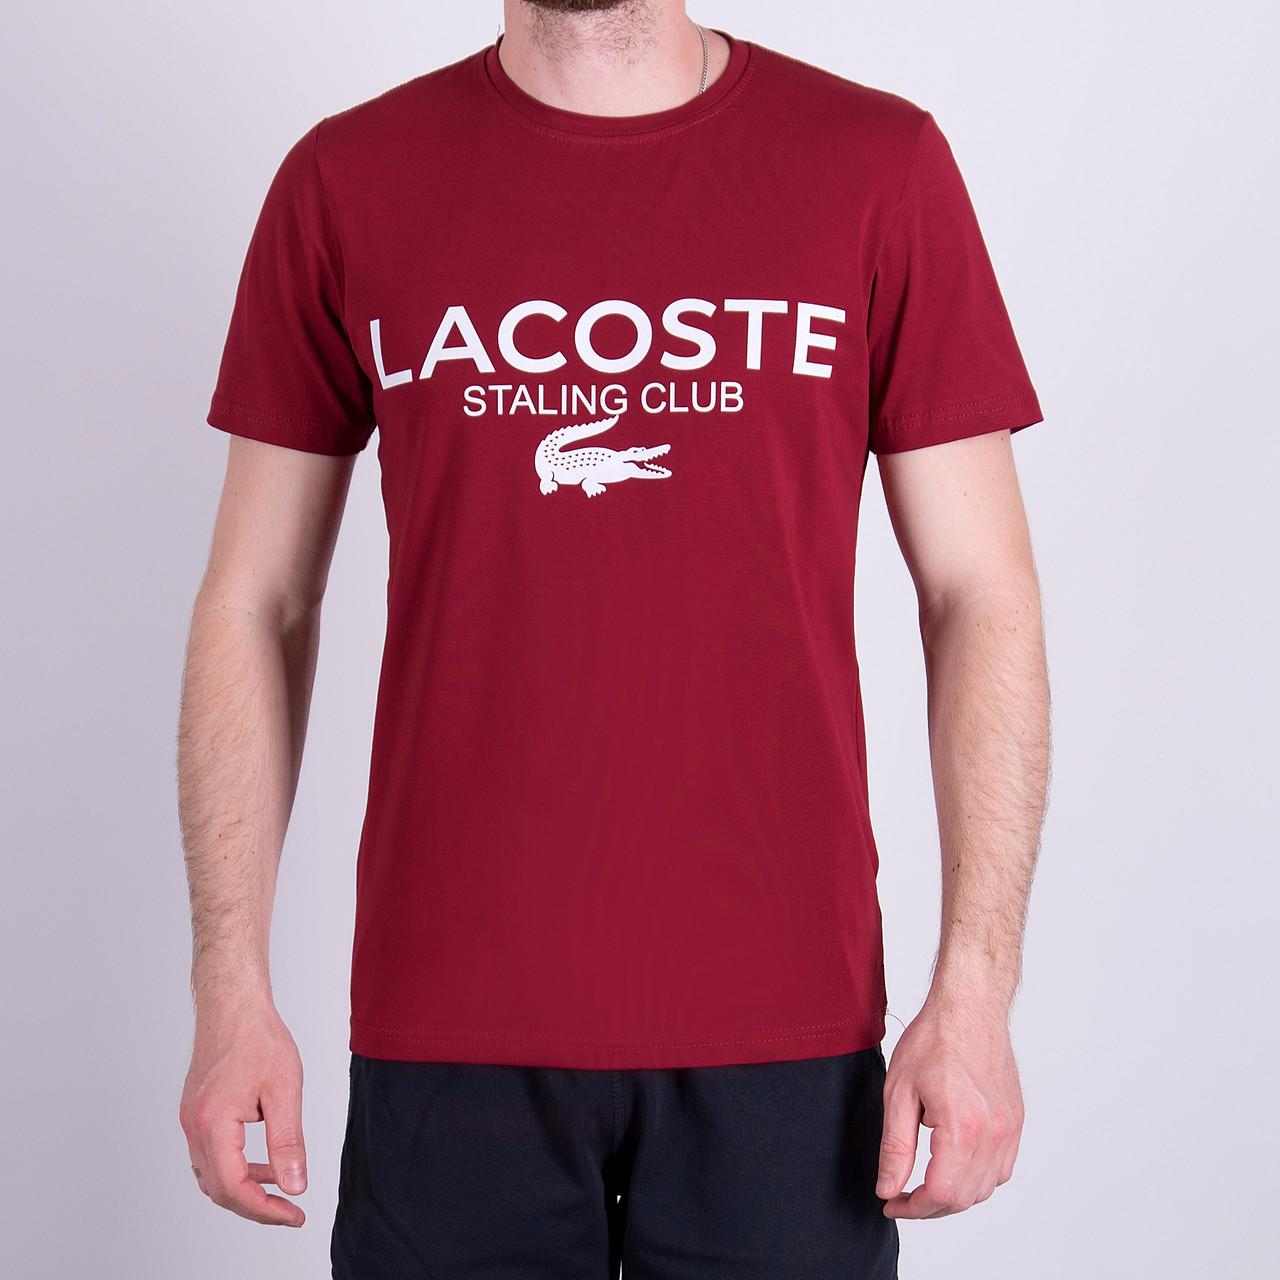 Чоловіча футболка LACOSTE, кольору бордо